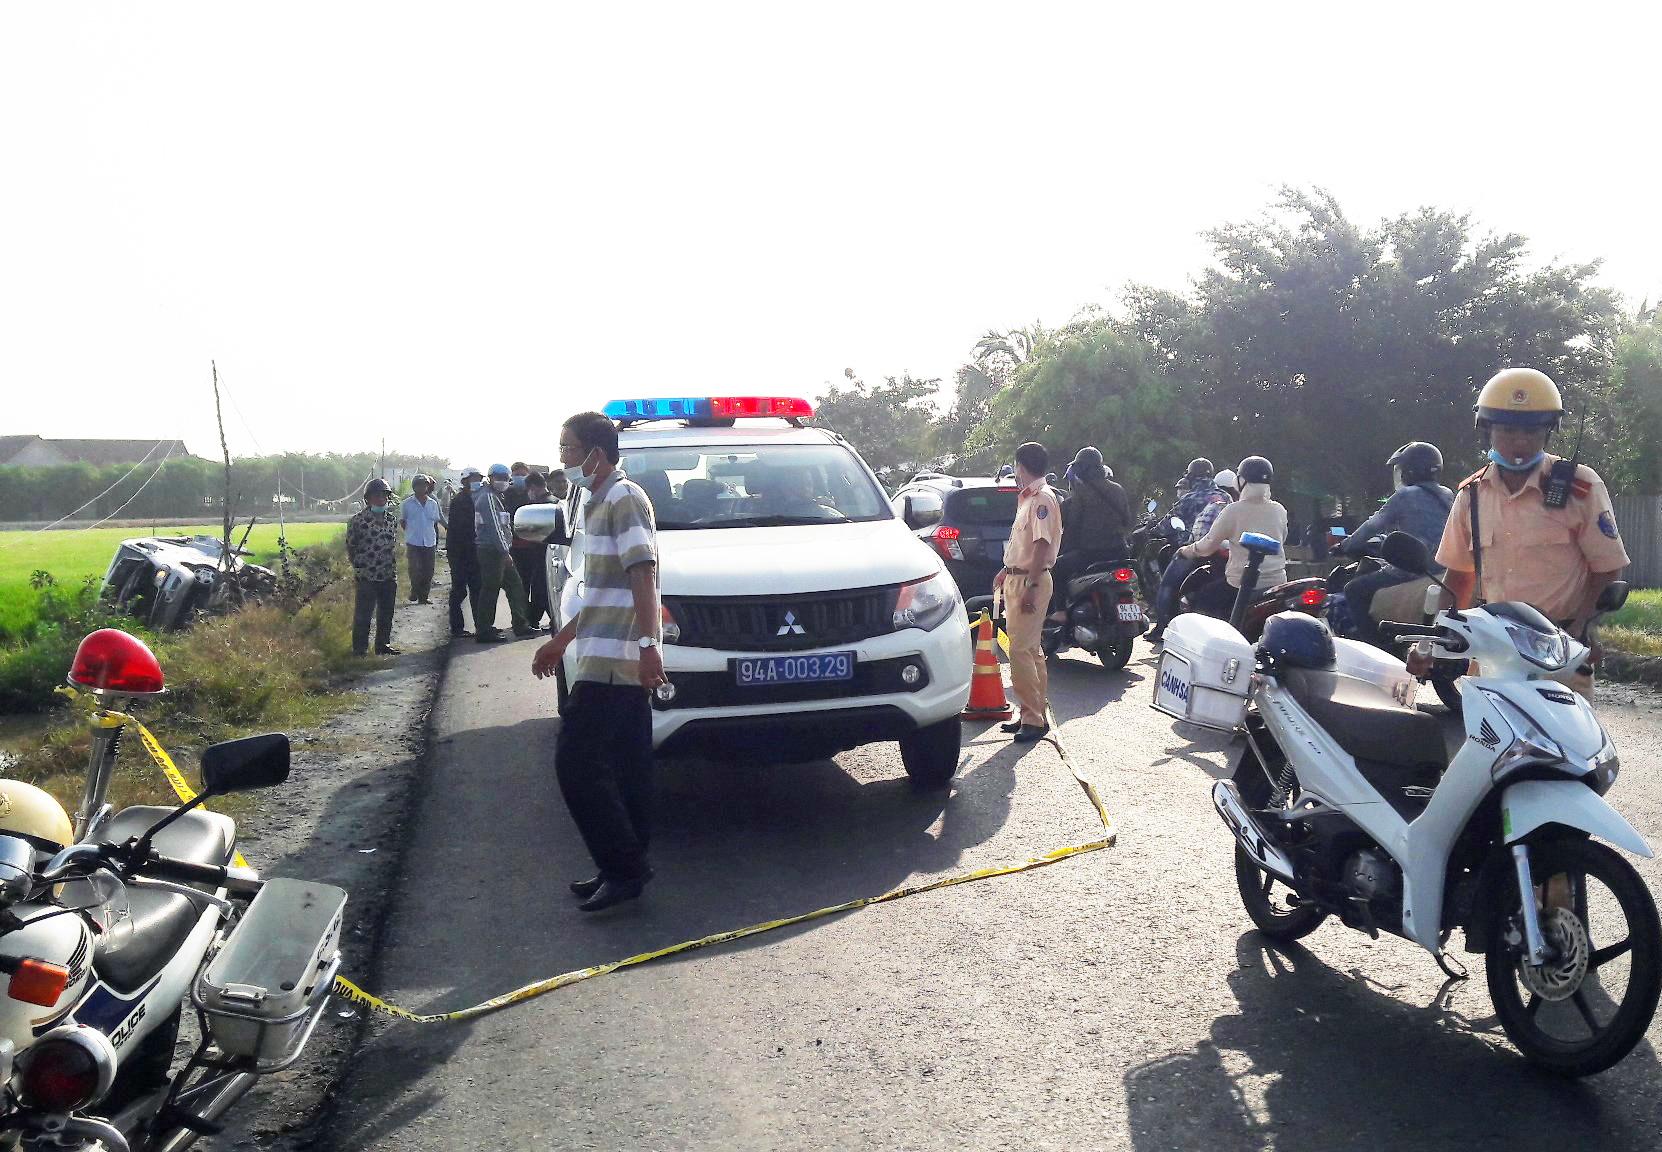 Bạc Liêu: Xe tải đâm xe khách văng xuống ruộng lúa, nhiều người thương vong - Ảnh 1.